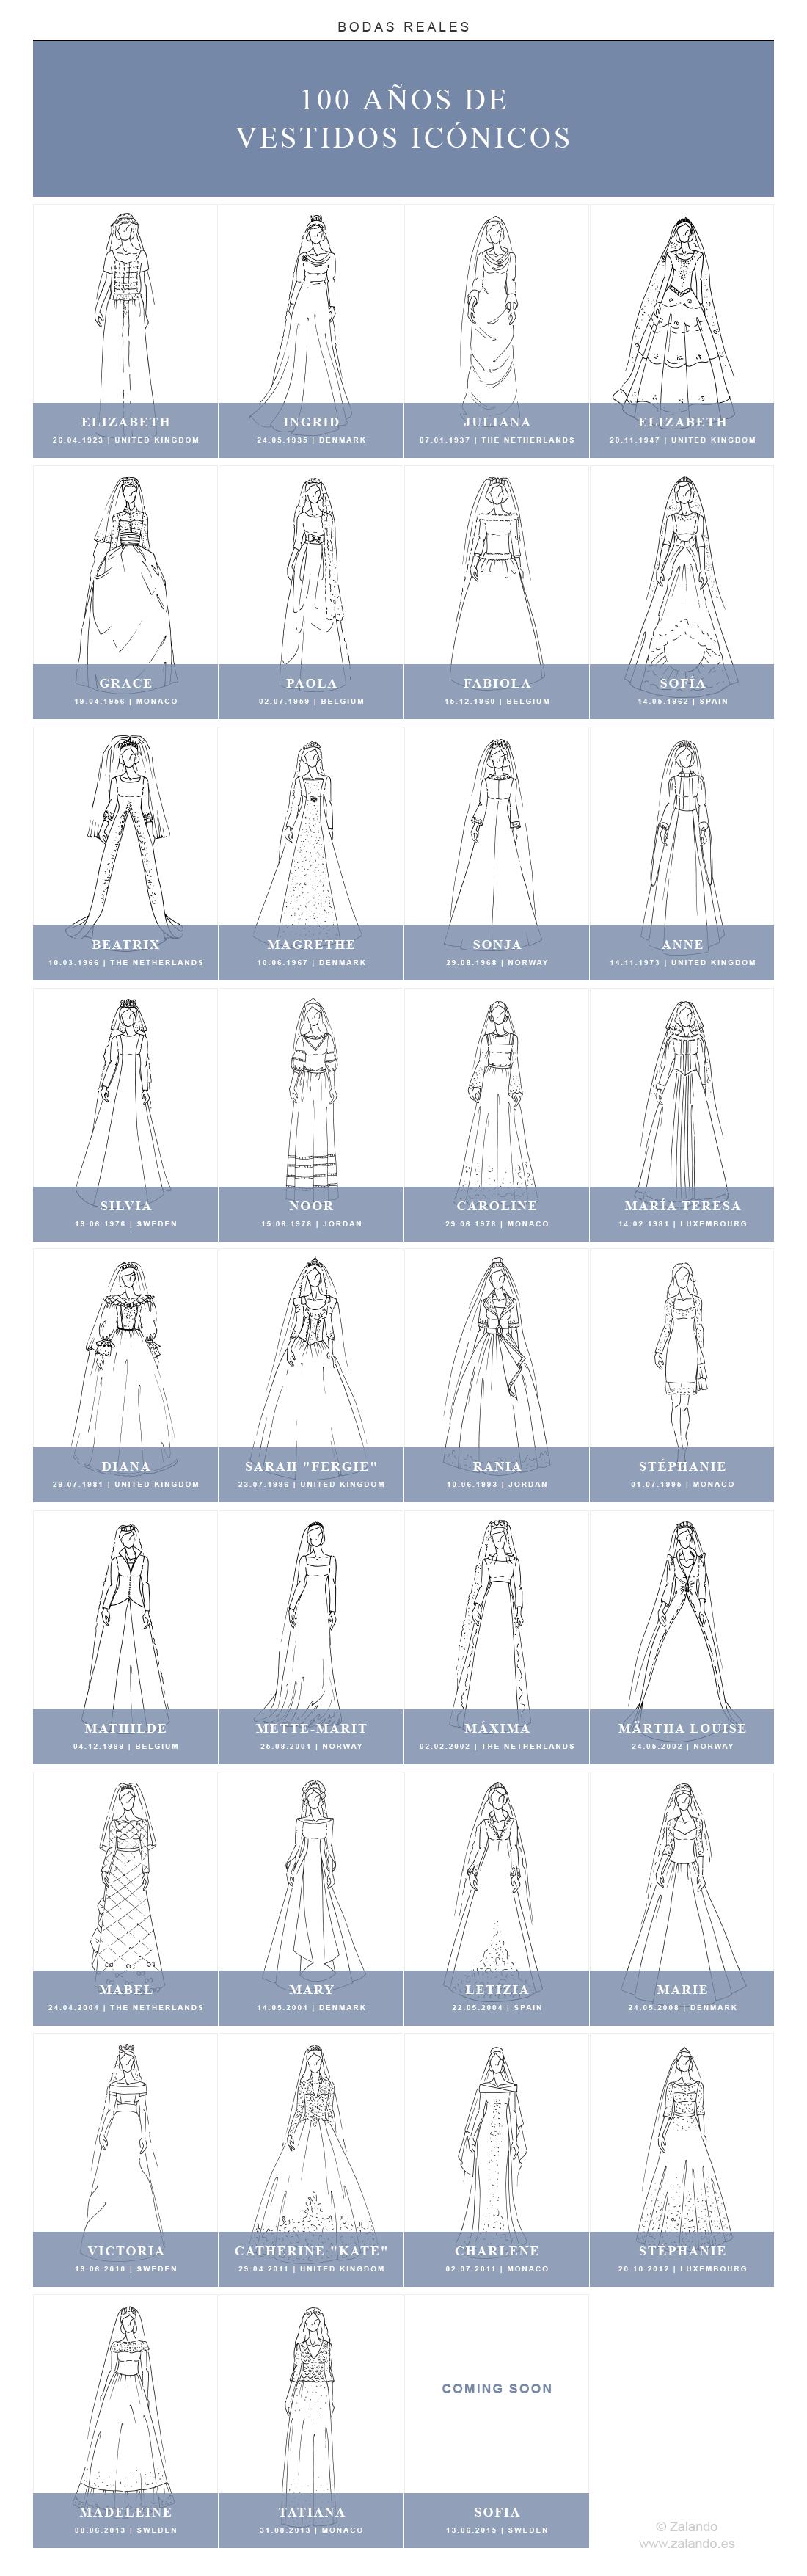 Zalando presenta 100 años de vestidos icónicos de la realeza